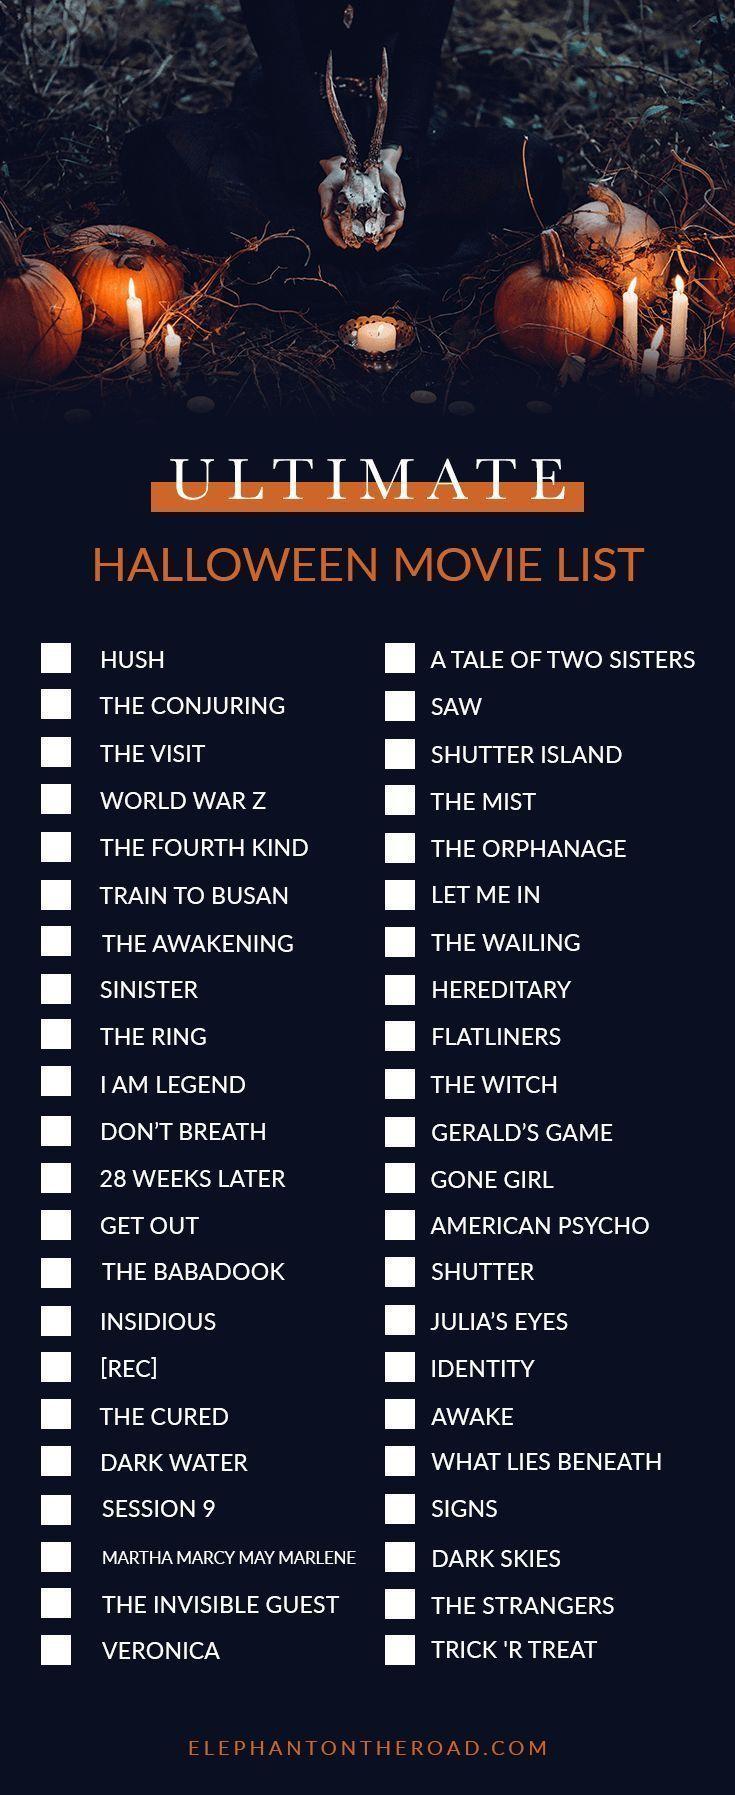 Die perfekte HalloweenNacht in der ultimativen Halloween